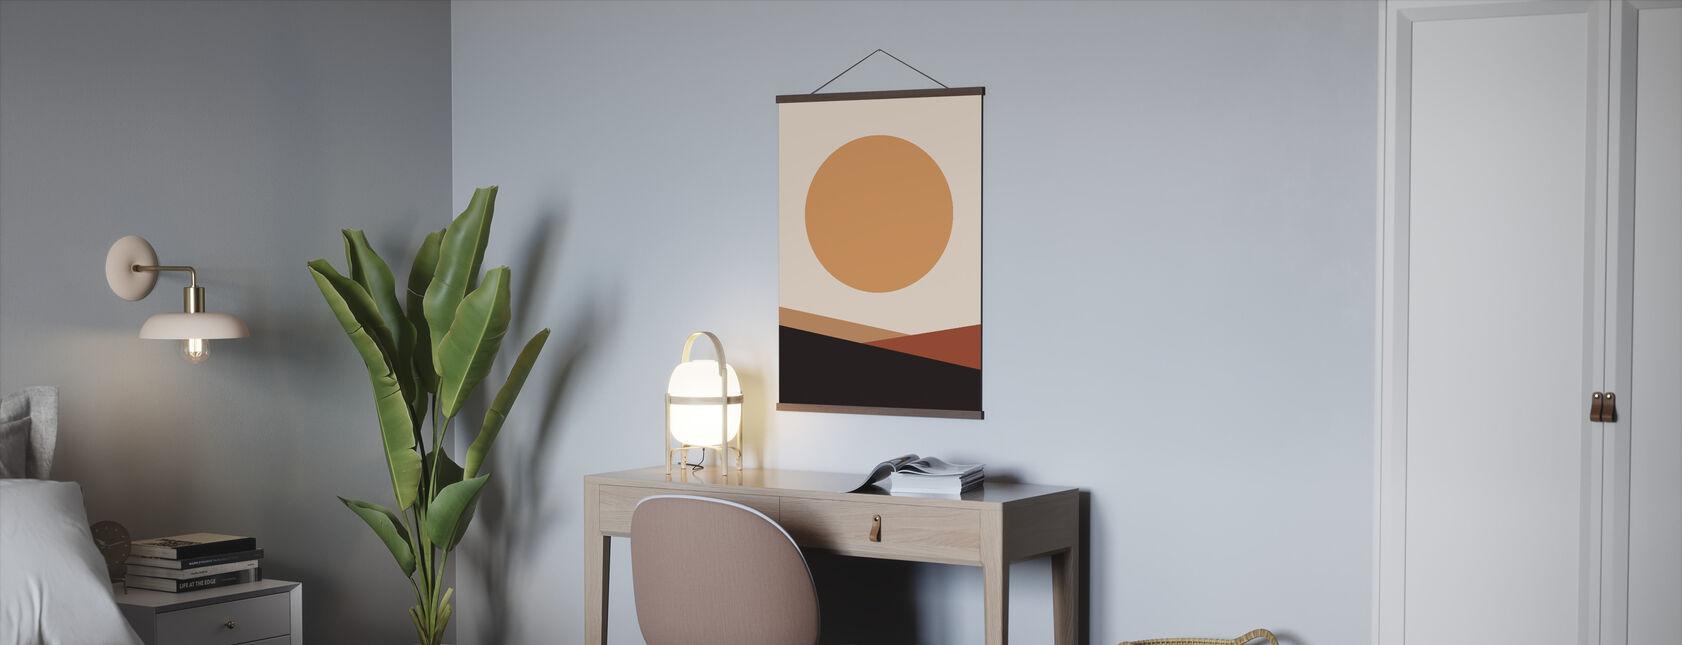 Zon is levendig - Poster - Kantoor